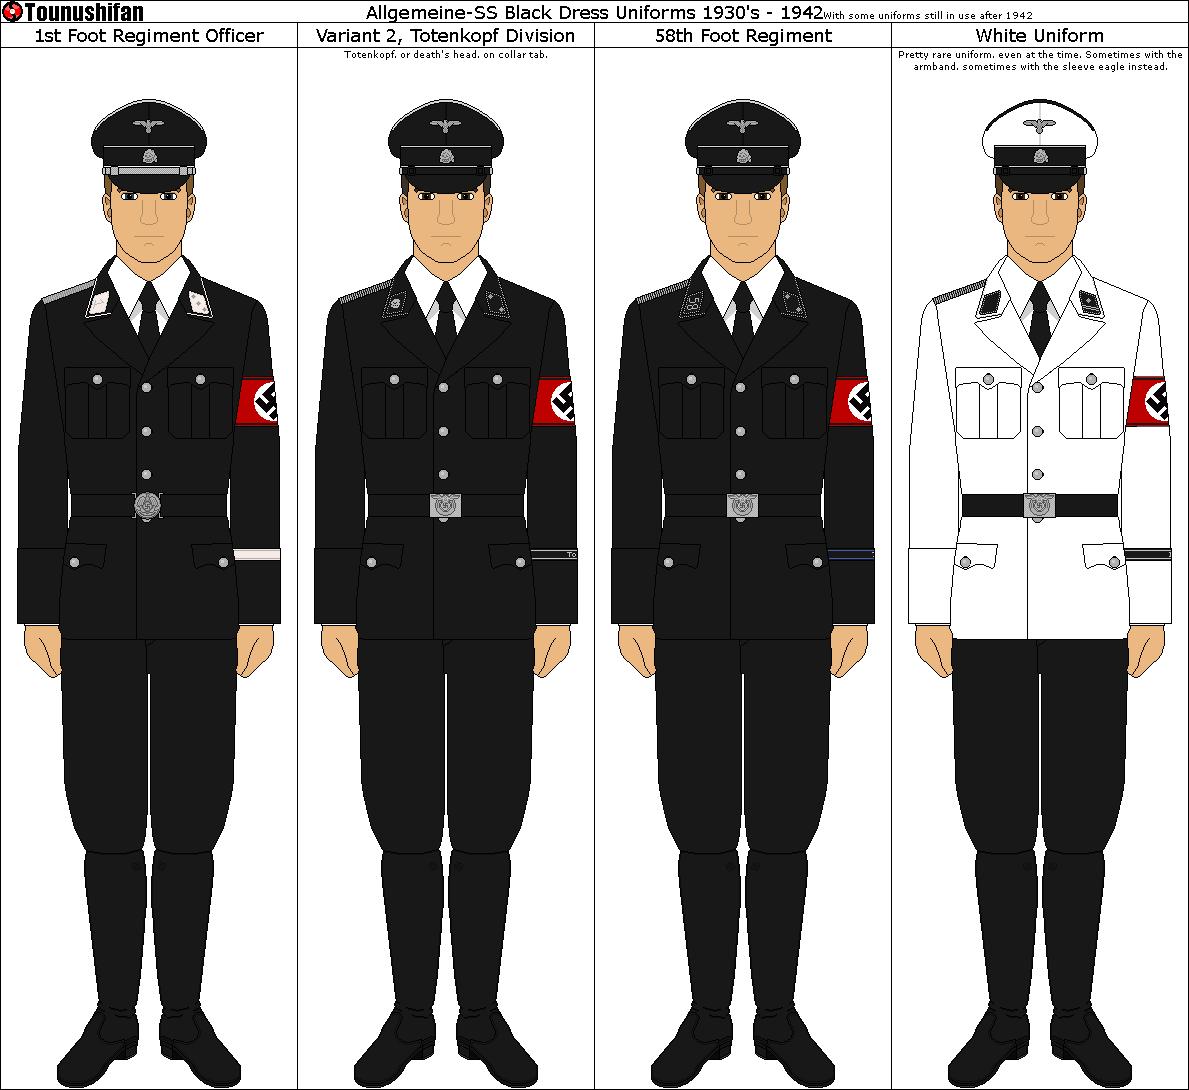 Allgemeine-SS Uniforms By Grand-Lobster-King On DeviantArt